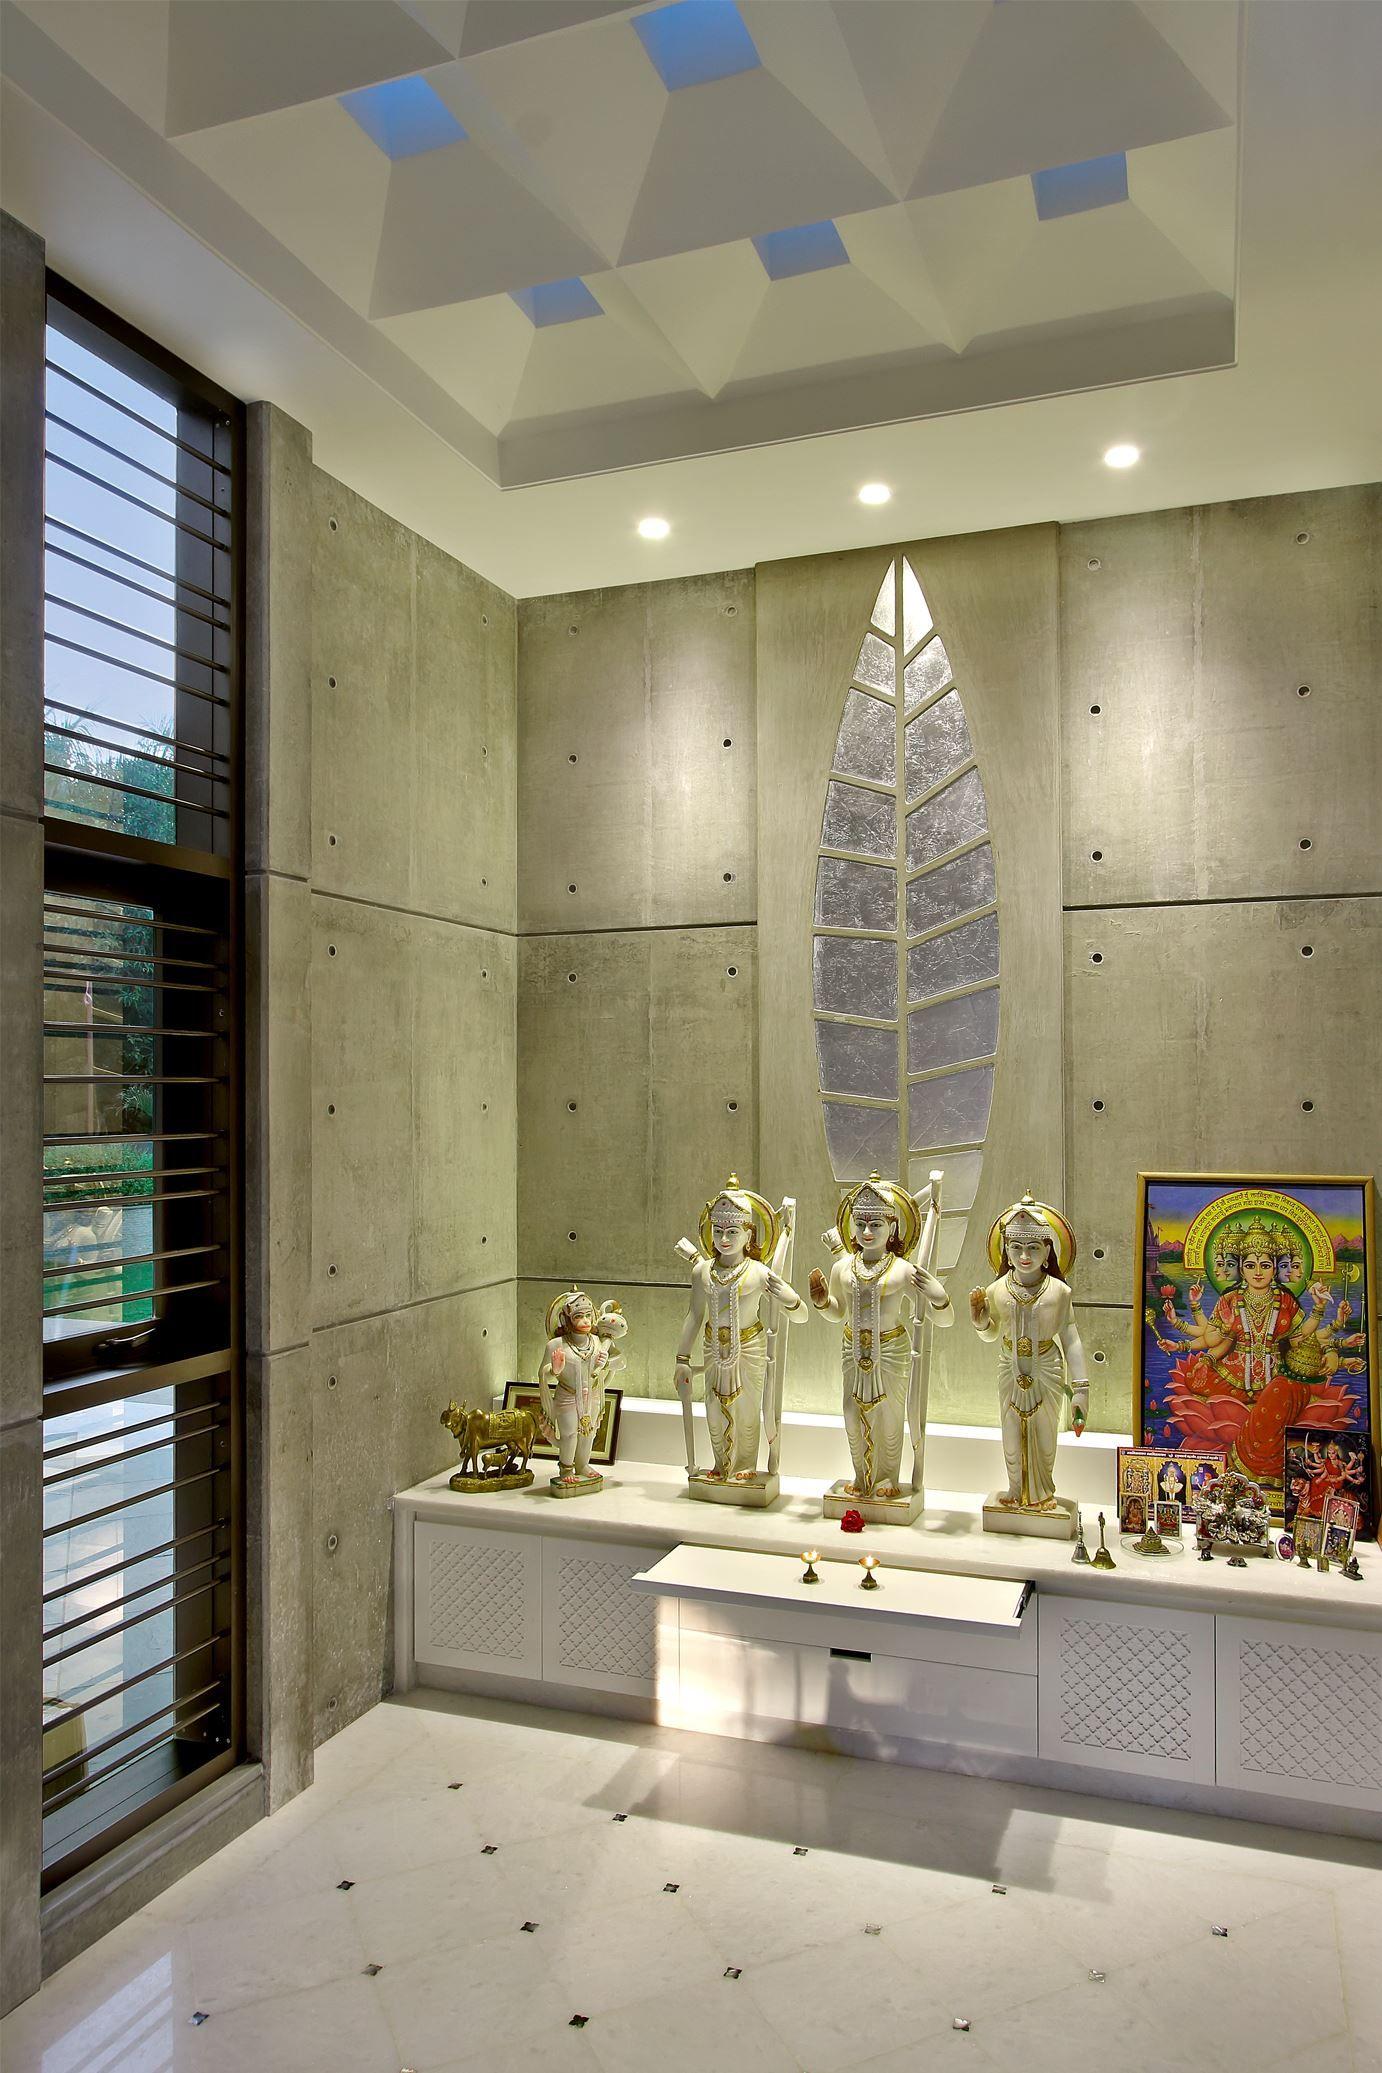 Pin By Prakash Mehra On Pooja Room Pooja Rooms Pooja Room Design